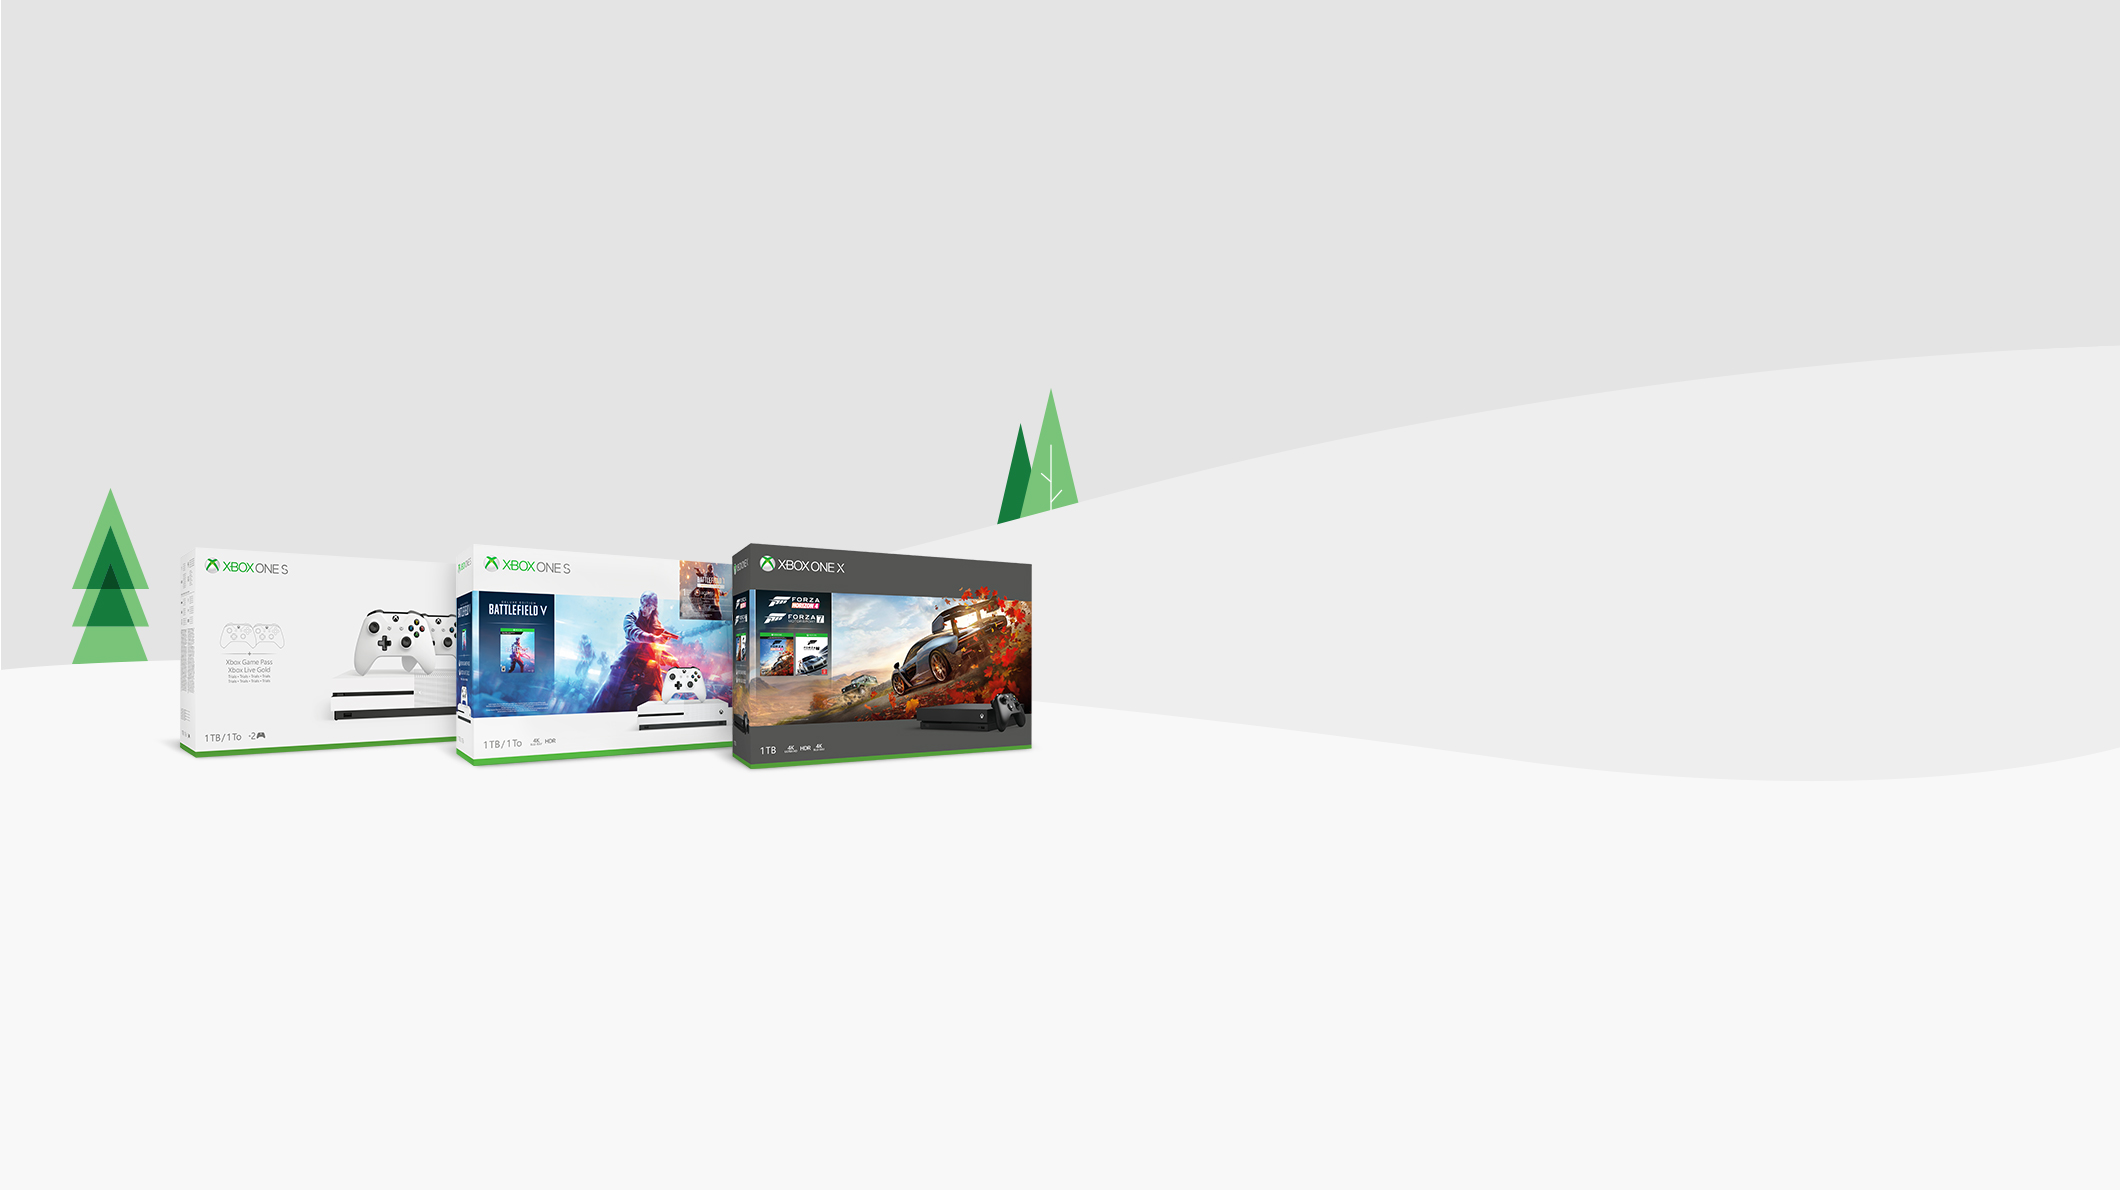 konzoli Xbox One